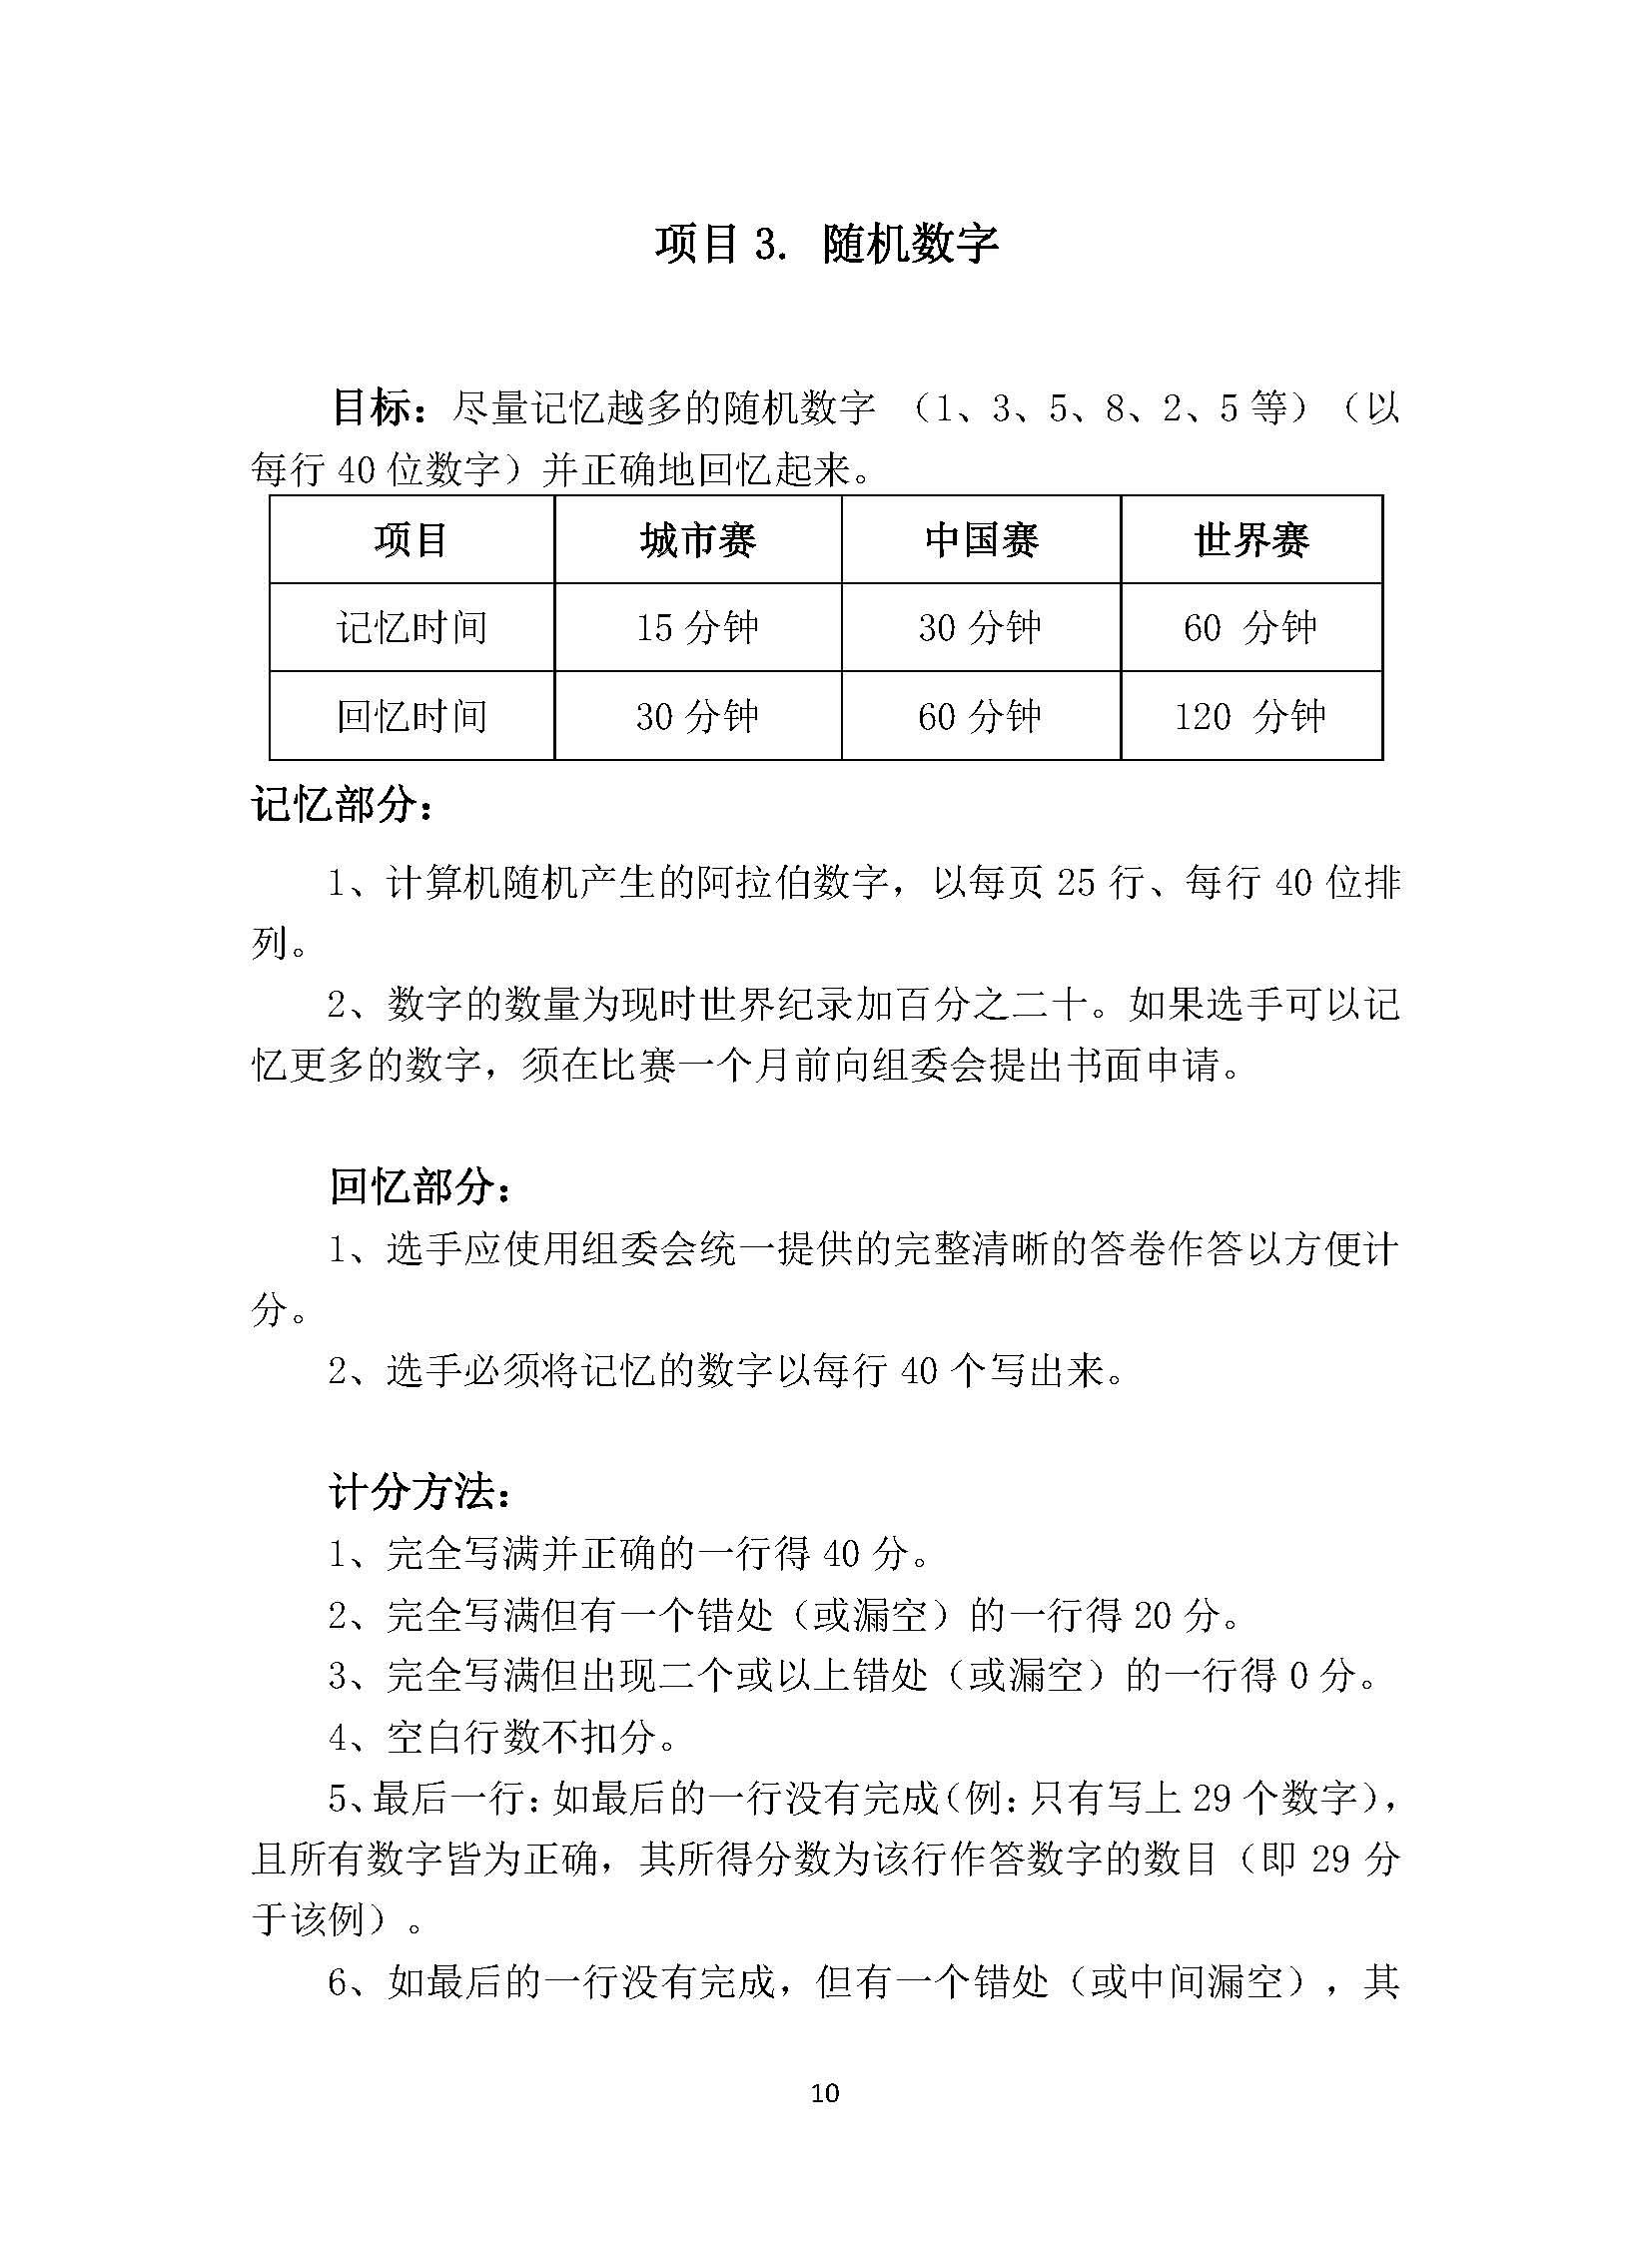 2019WMC选手训练手册-十大项目规则_页面_10